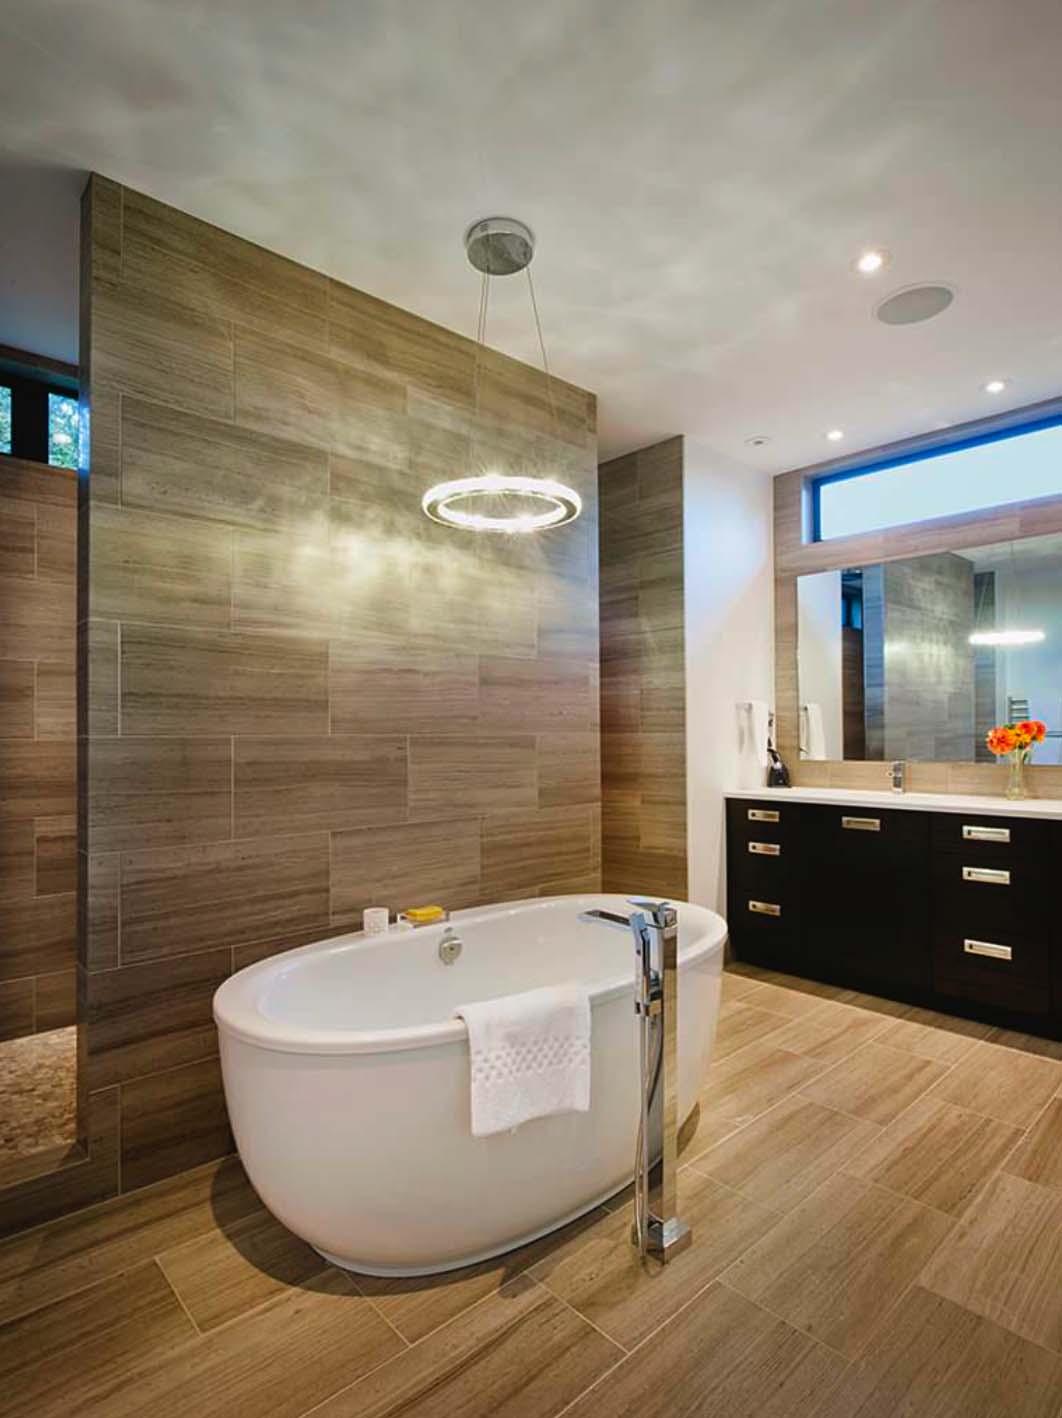 Freestanding-Tubs-Bathroom-Ideas-07-1 Kindesign